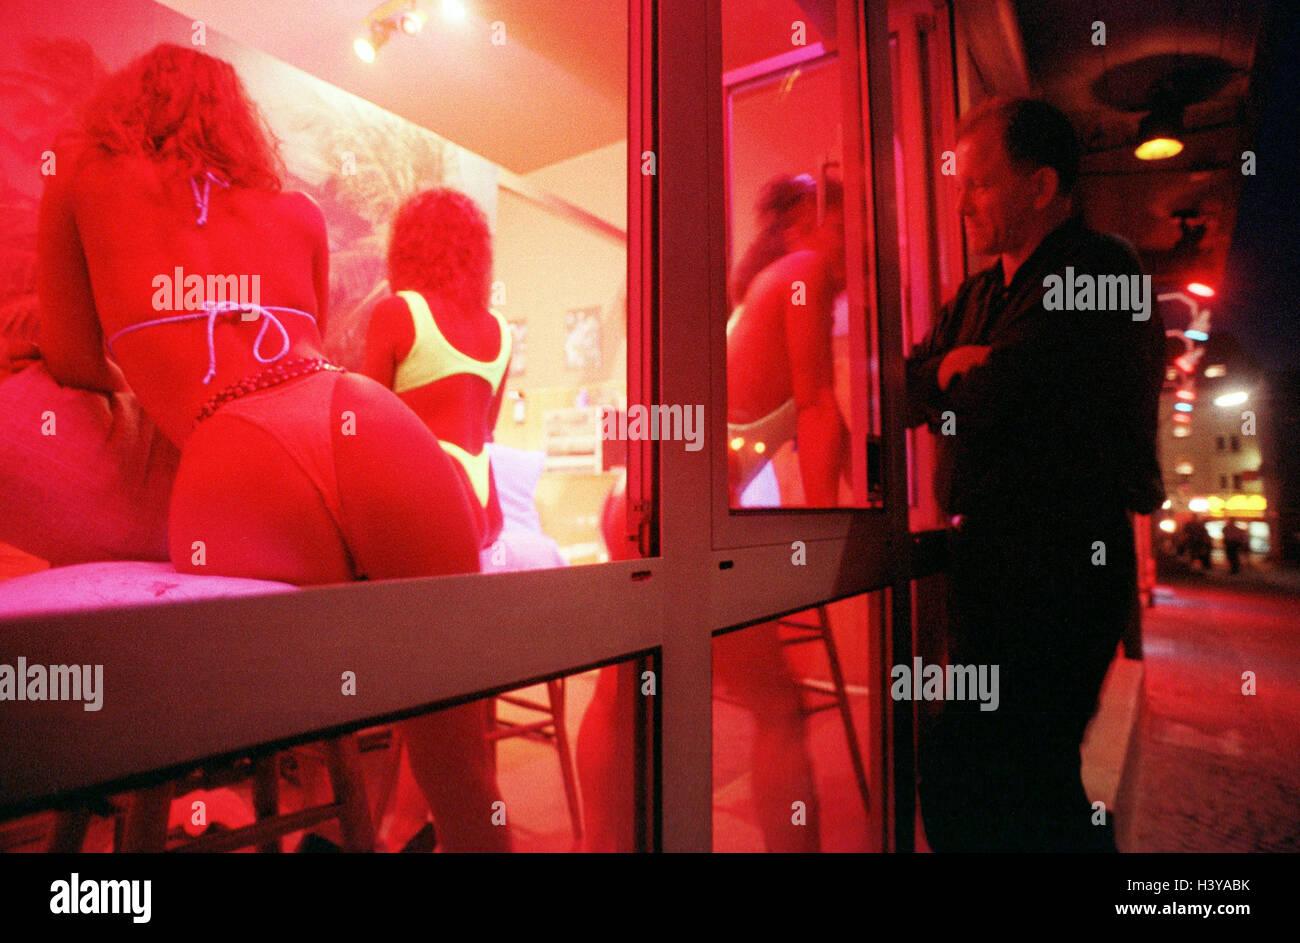 дом красных фонарей порно связи